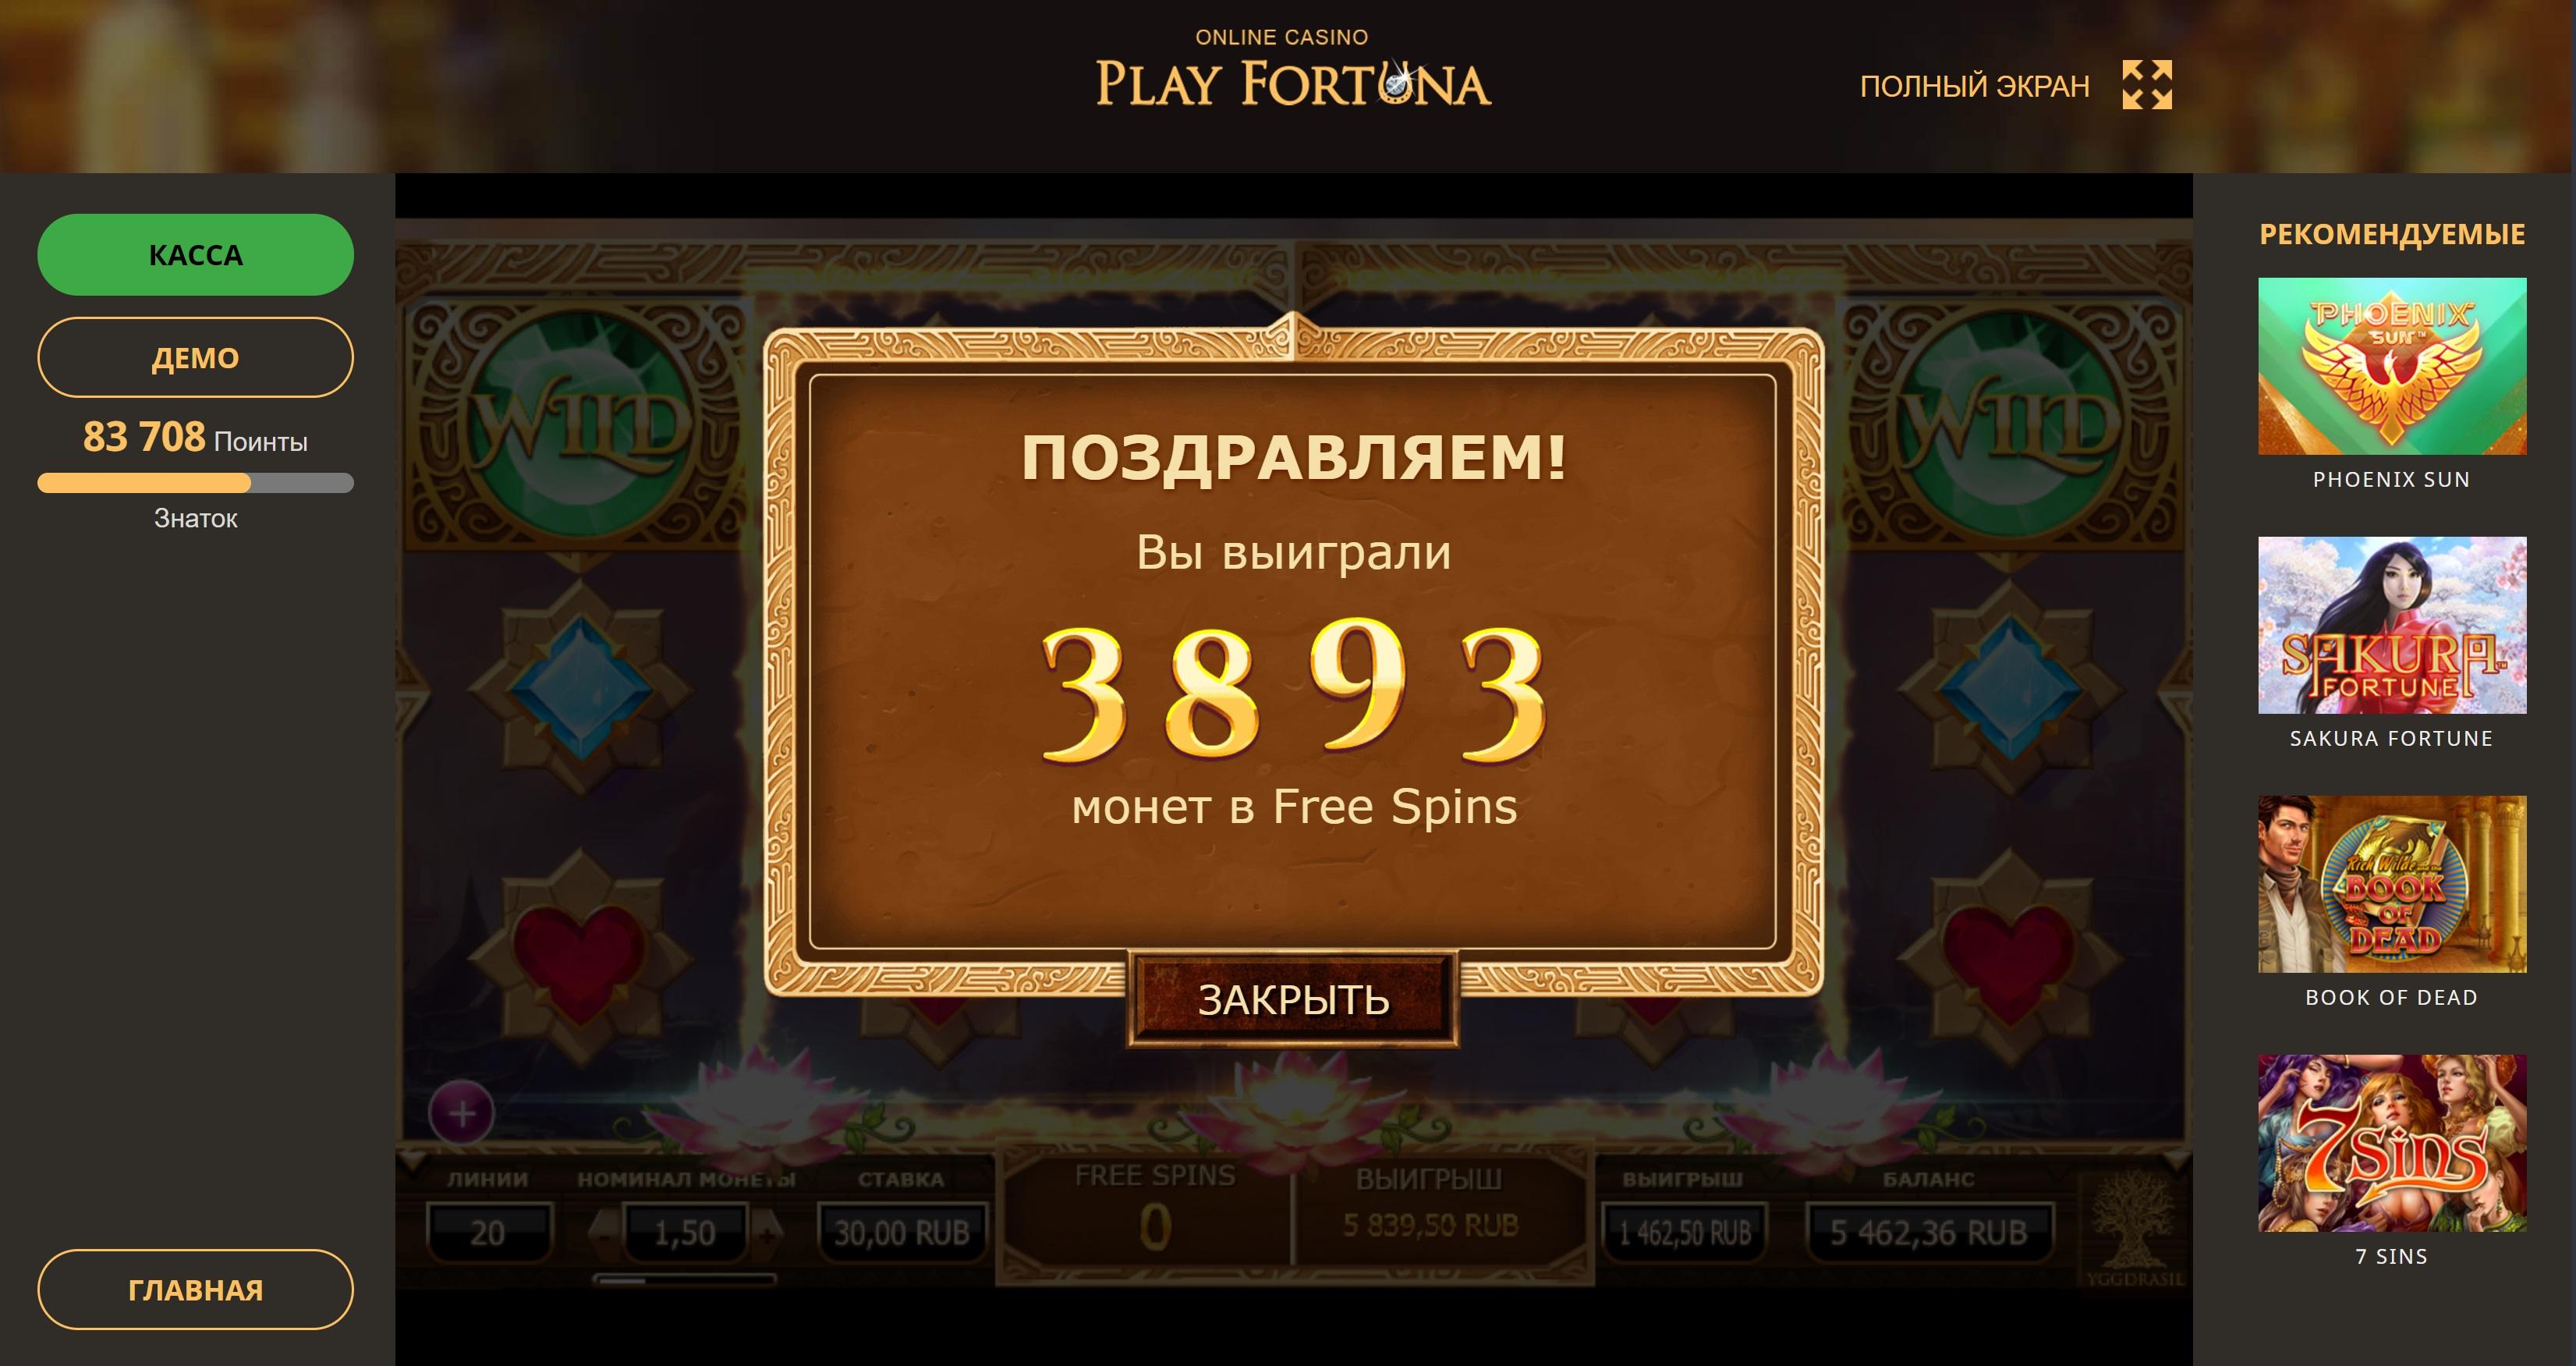 официальный сайт пополнение онлайн казино фортуна